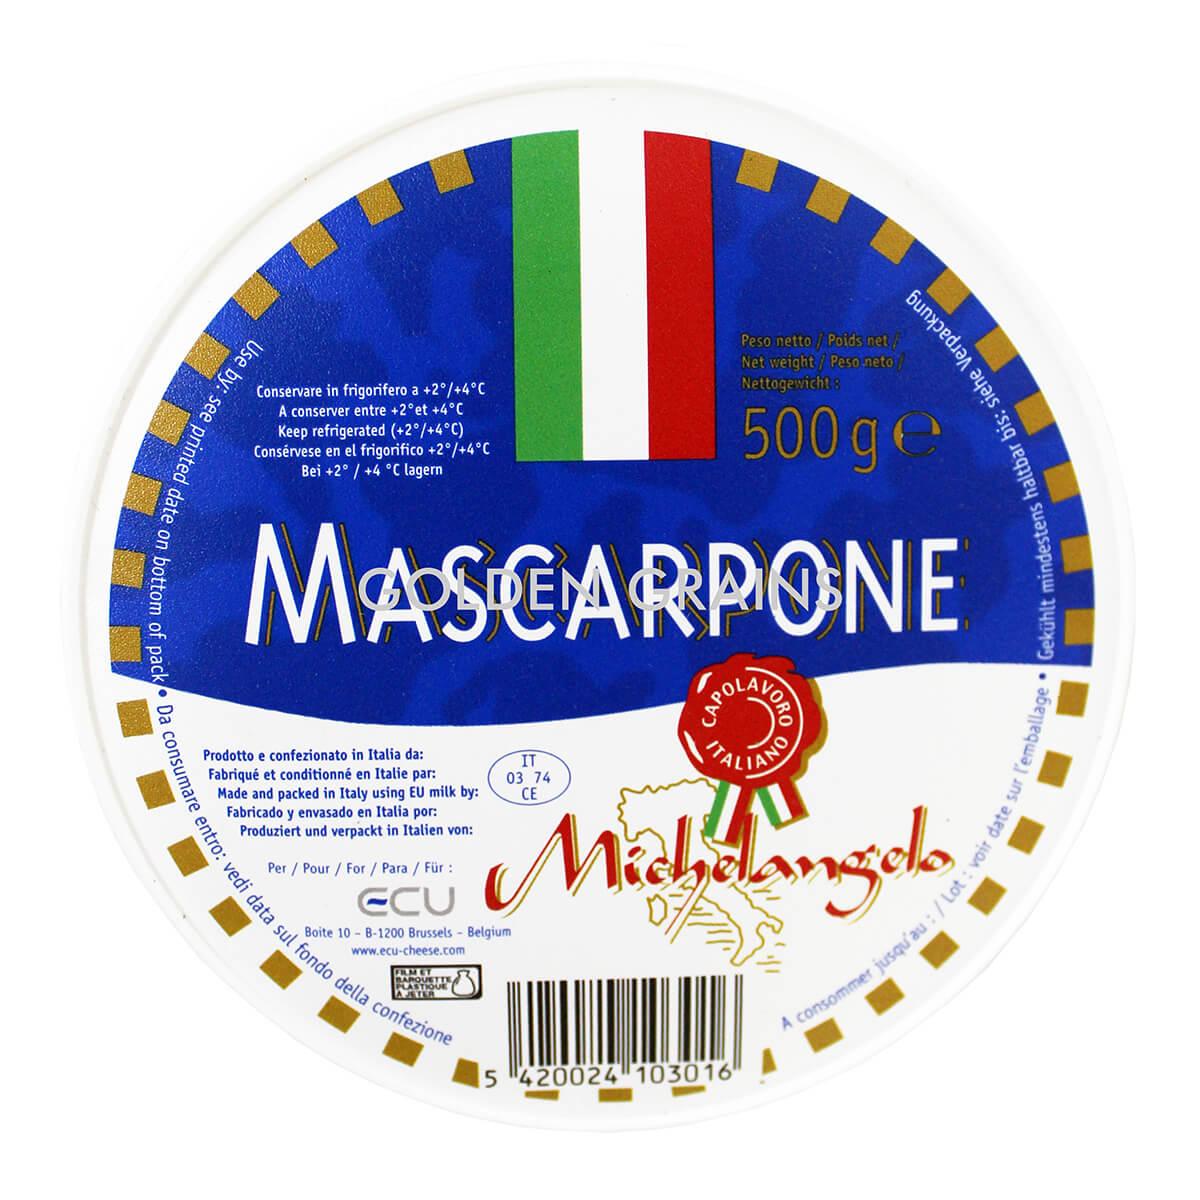 Michelangelo Mascarpone